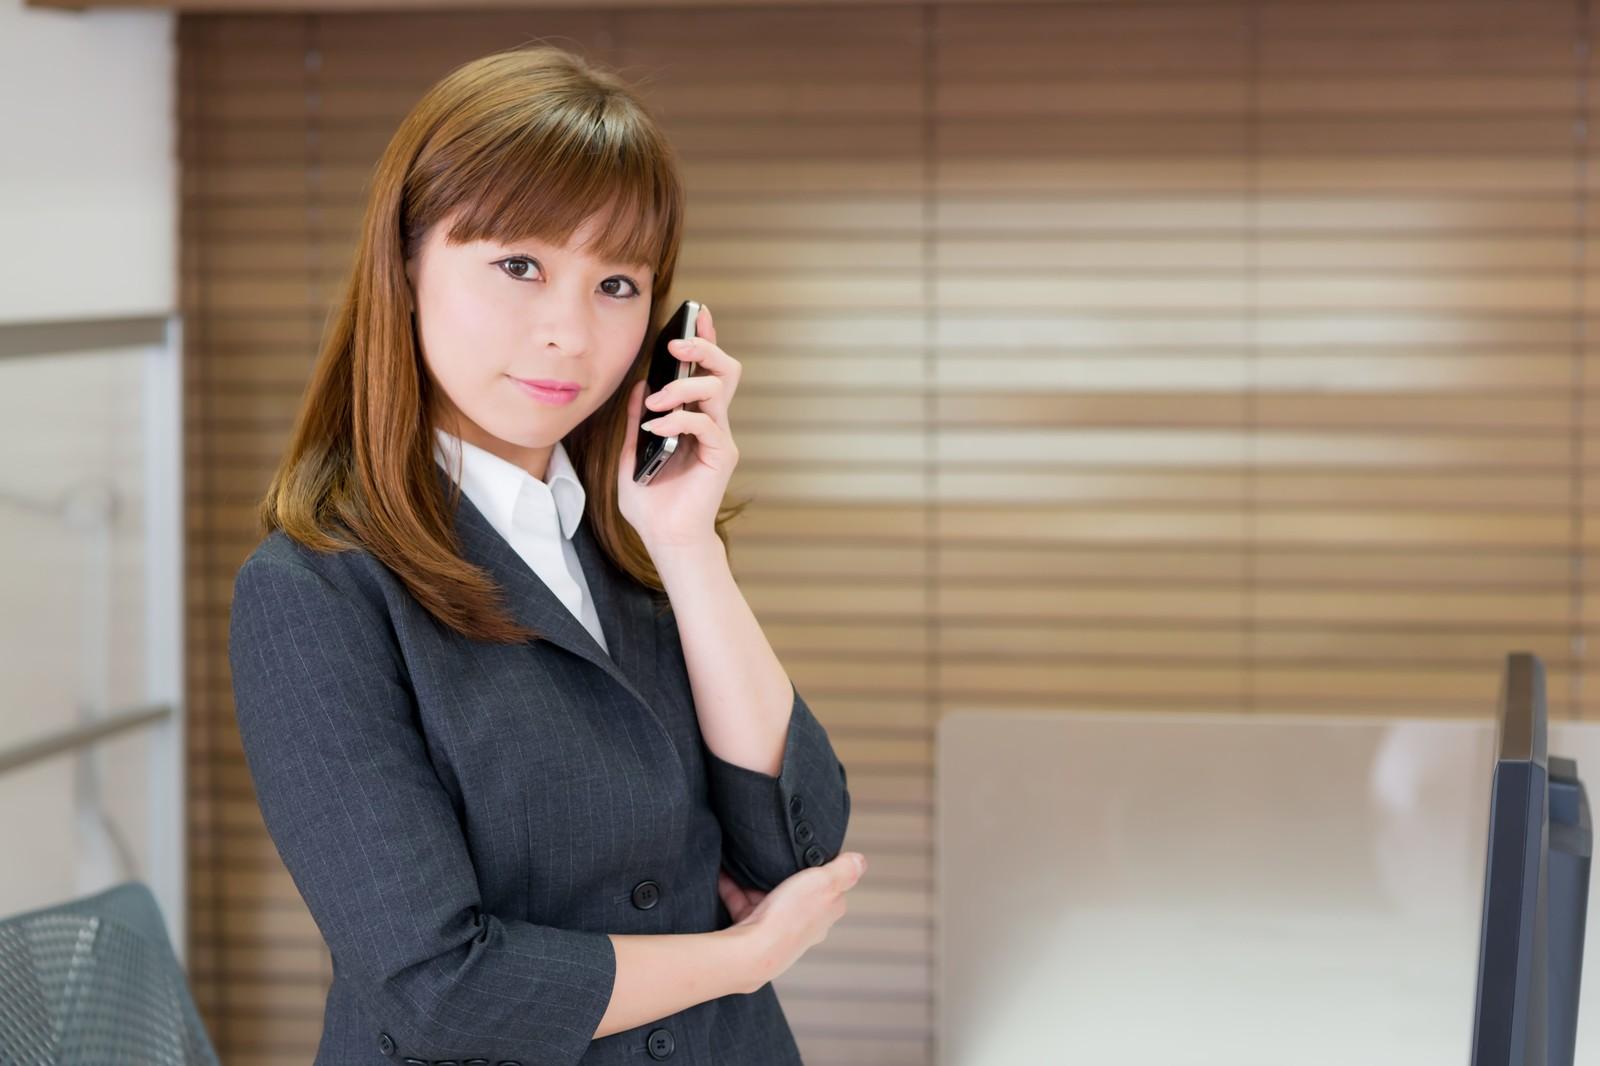 事務職に転職!事務職の仕事と未経験/経験者に必要なスキルは?